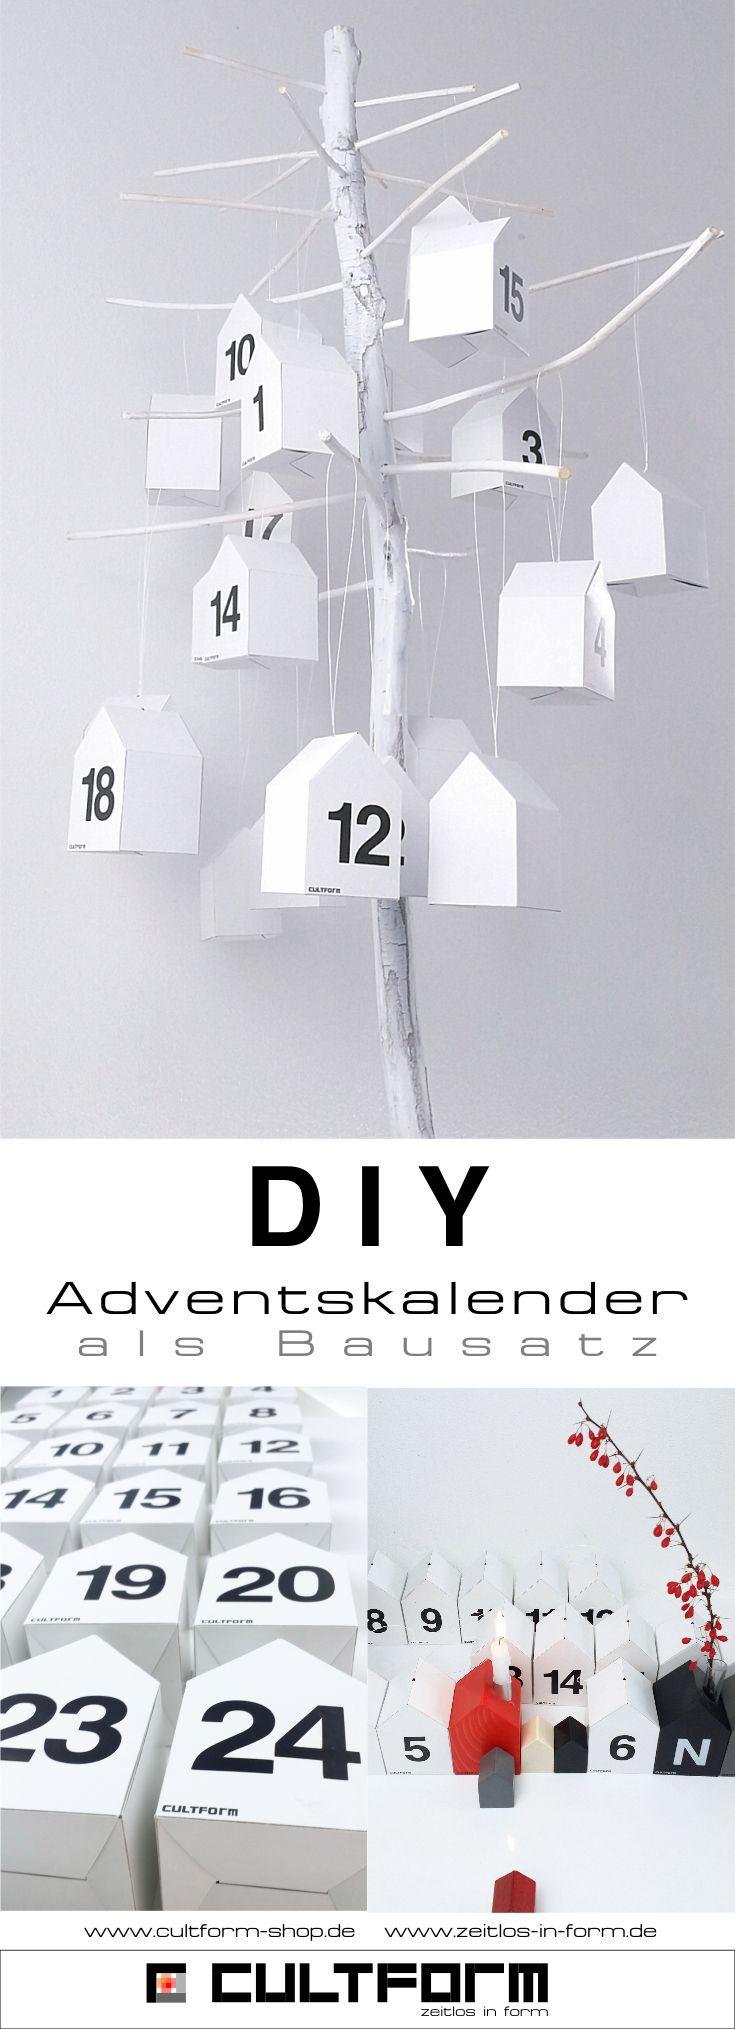 Weihnachts-DIY: Adventskalender mit Stil zum selbst gestalten. Einfach da als Bausatz. Passend zu den anderen Weihnachtsprodukten von CULTFORM #diy  #weihnachten  #adventskalender #adventskalenderbasteln  #basteln  #minimalistisch  #erzgebirge  #weihnachtsdeko  #weihnachtdekoration #weihnachtsdekotrends #häuser #häuschen #design